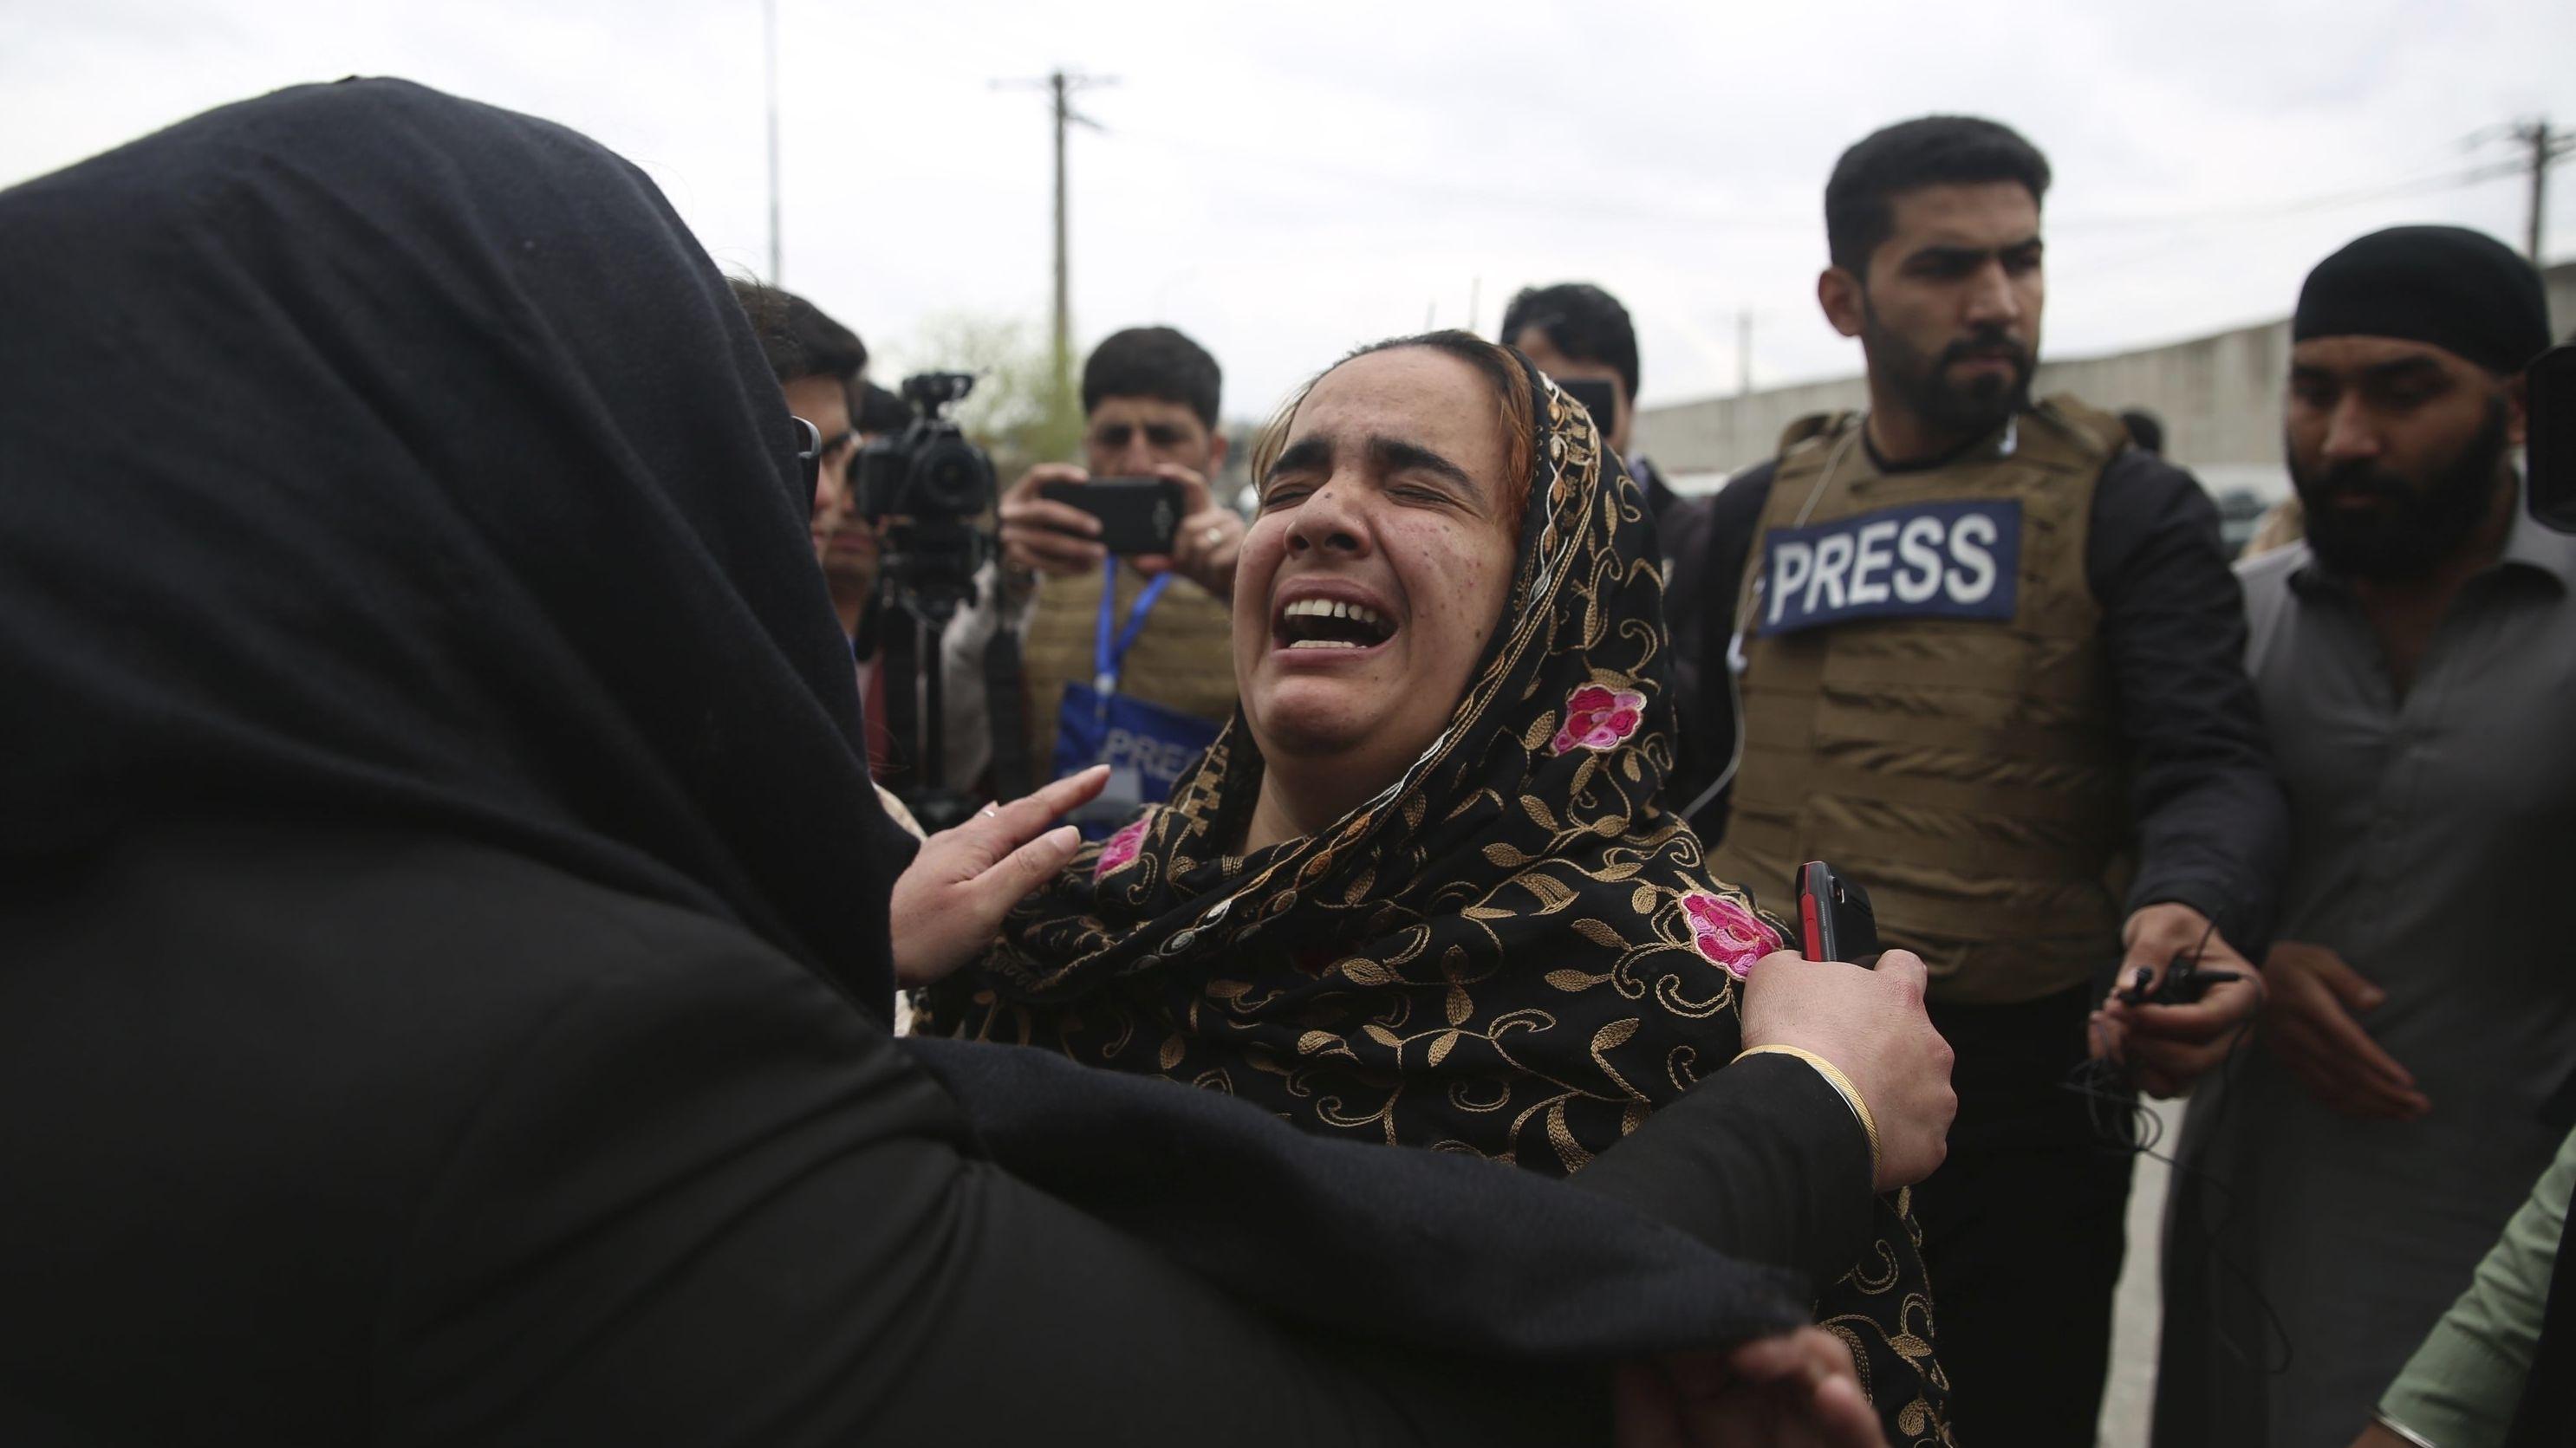 Familienangehörige weinen nach einem Anschlag in einem Sikh-Tempel.